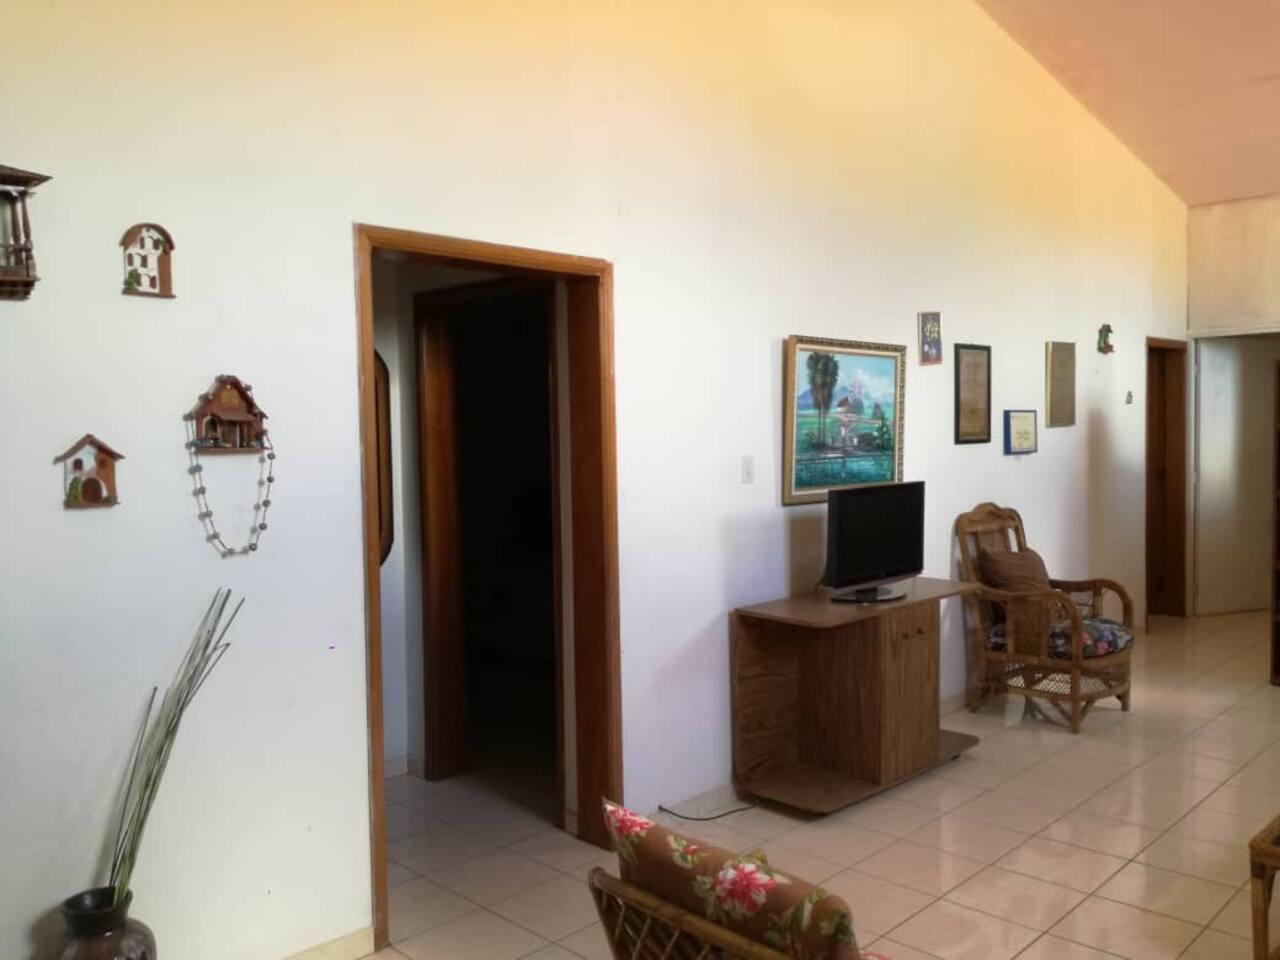 Área de Lobby común con sólo dos habitaciones.